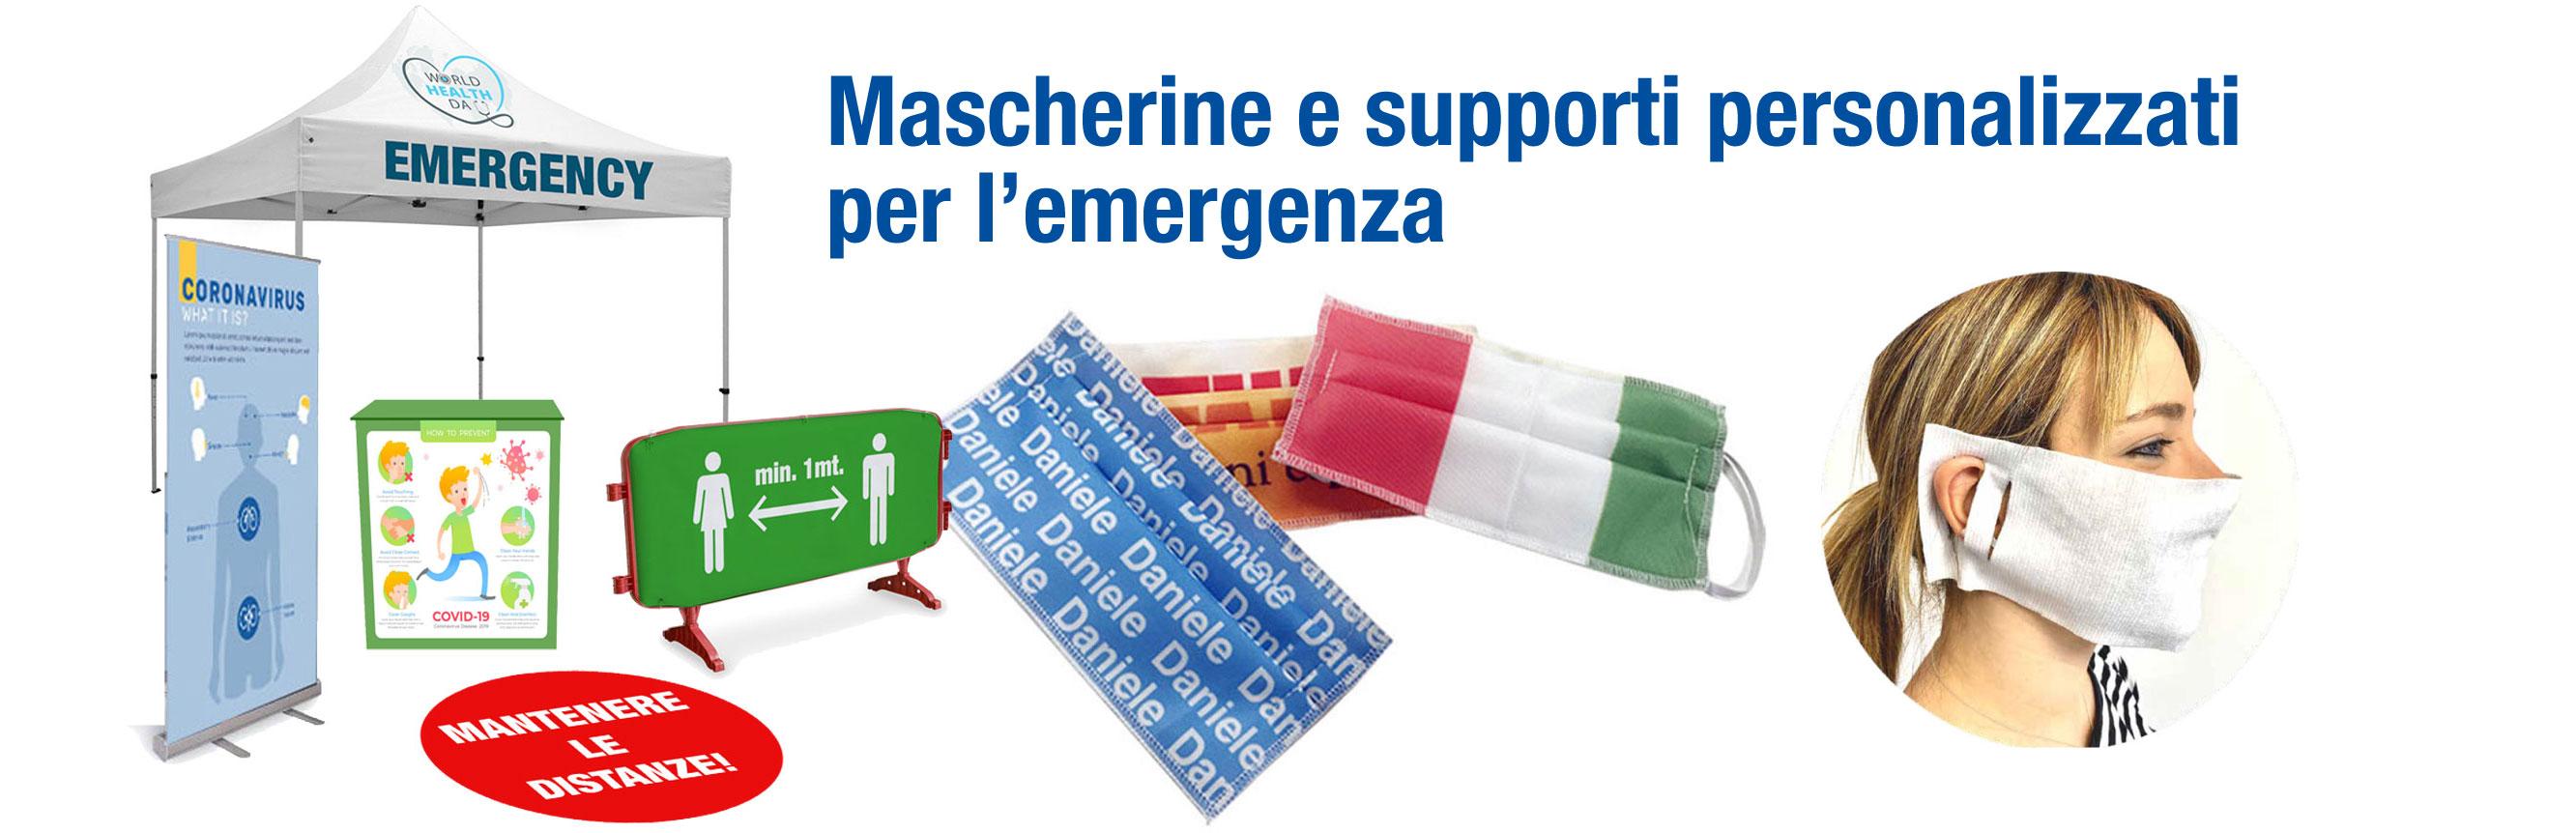 mascherine e supporti personalizzati emergenza sanitaria covid-19